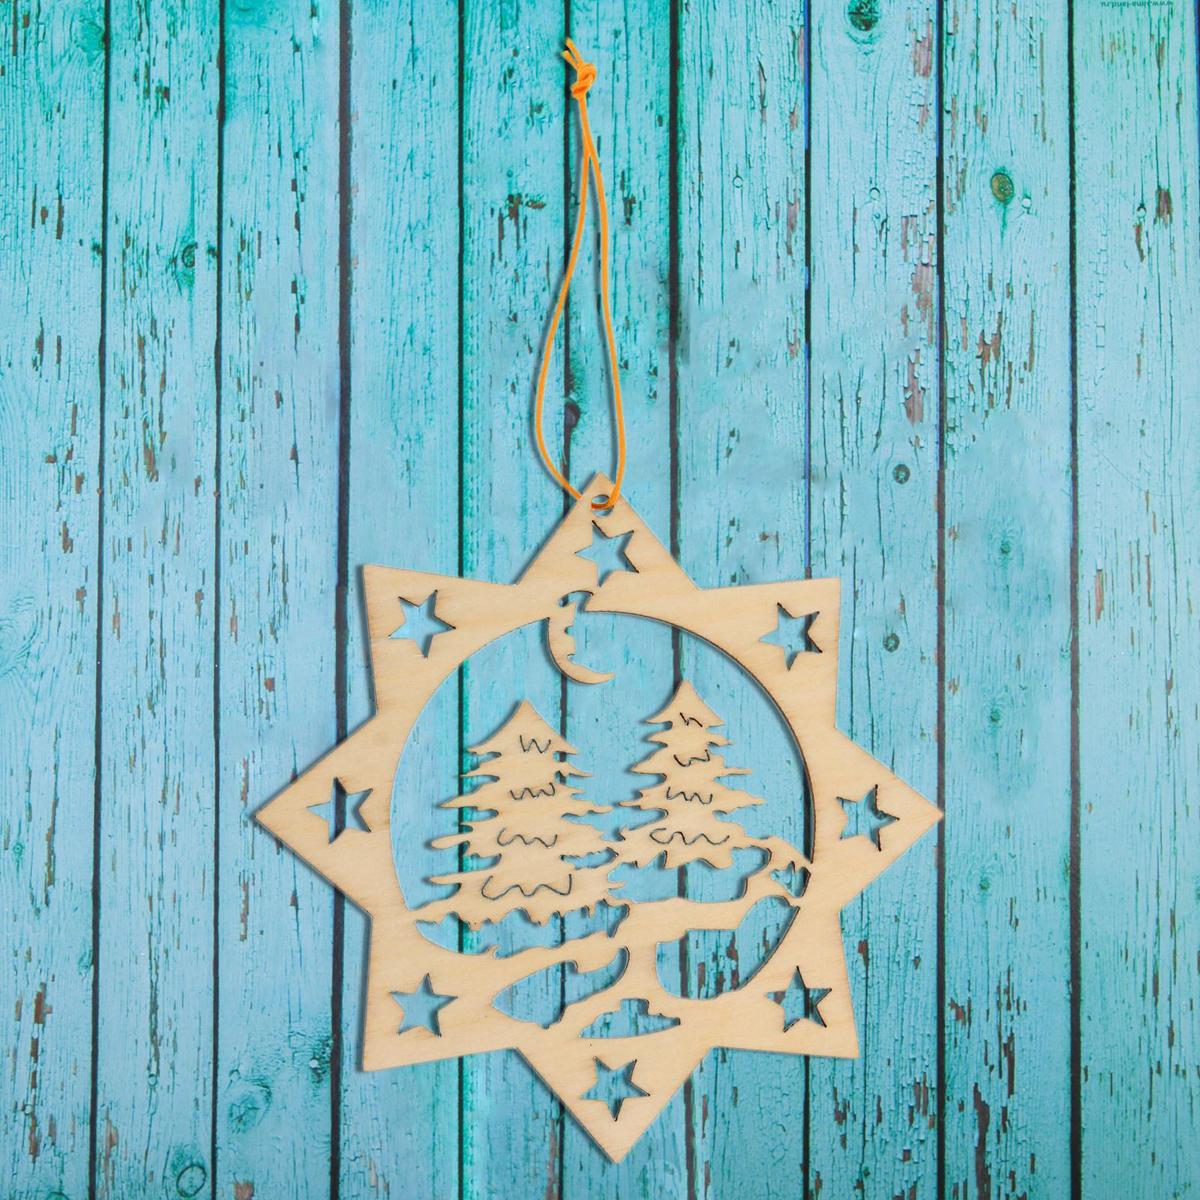 Новогоднее подвесное украшение Sima-land Зимний лес, под роспись, 10 х 10 см1393688Новогоднее украшение Sima-land отлично подойдет для декорации вашего дома и новогодней ели. Елочная игрушка - символ Нового года. Она несет в себе волшебство и красоту праздника. Такое украшение создаст в вашем доме атмосферу праздника, веселья и радости.